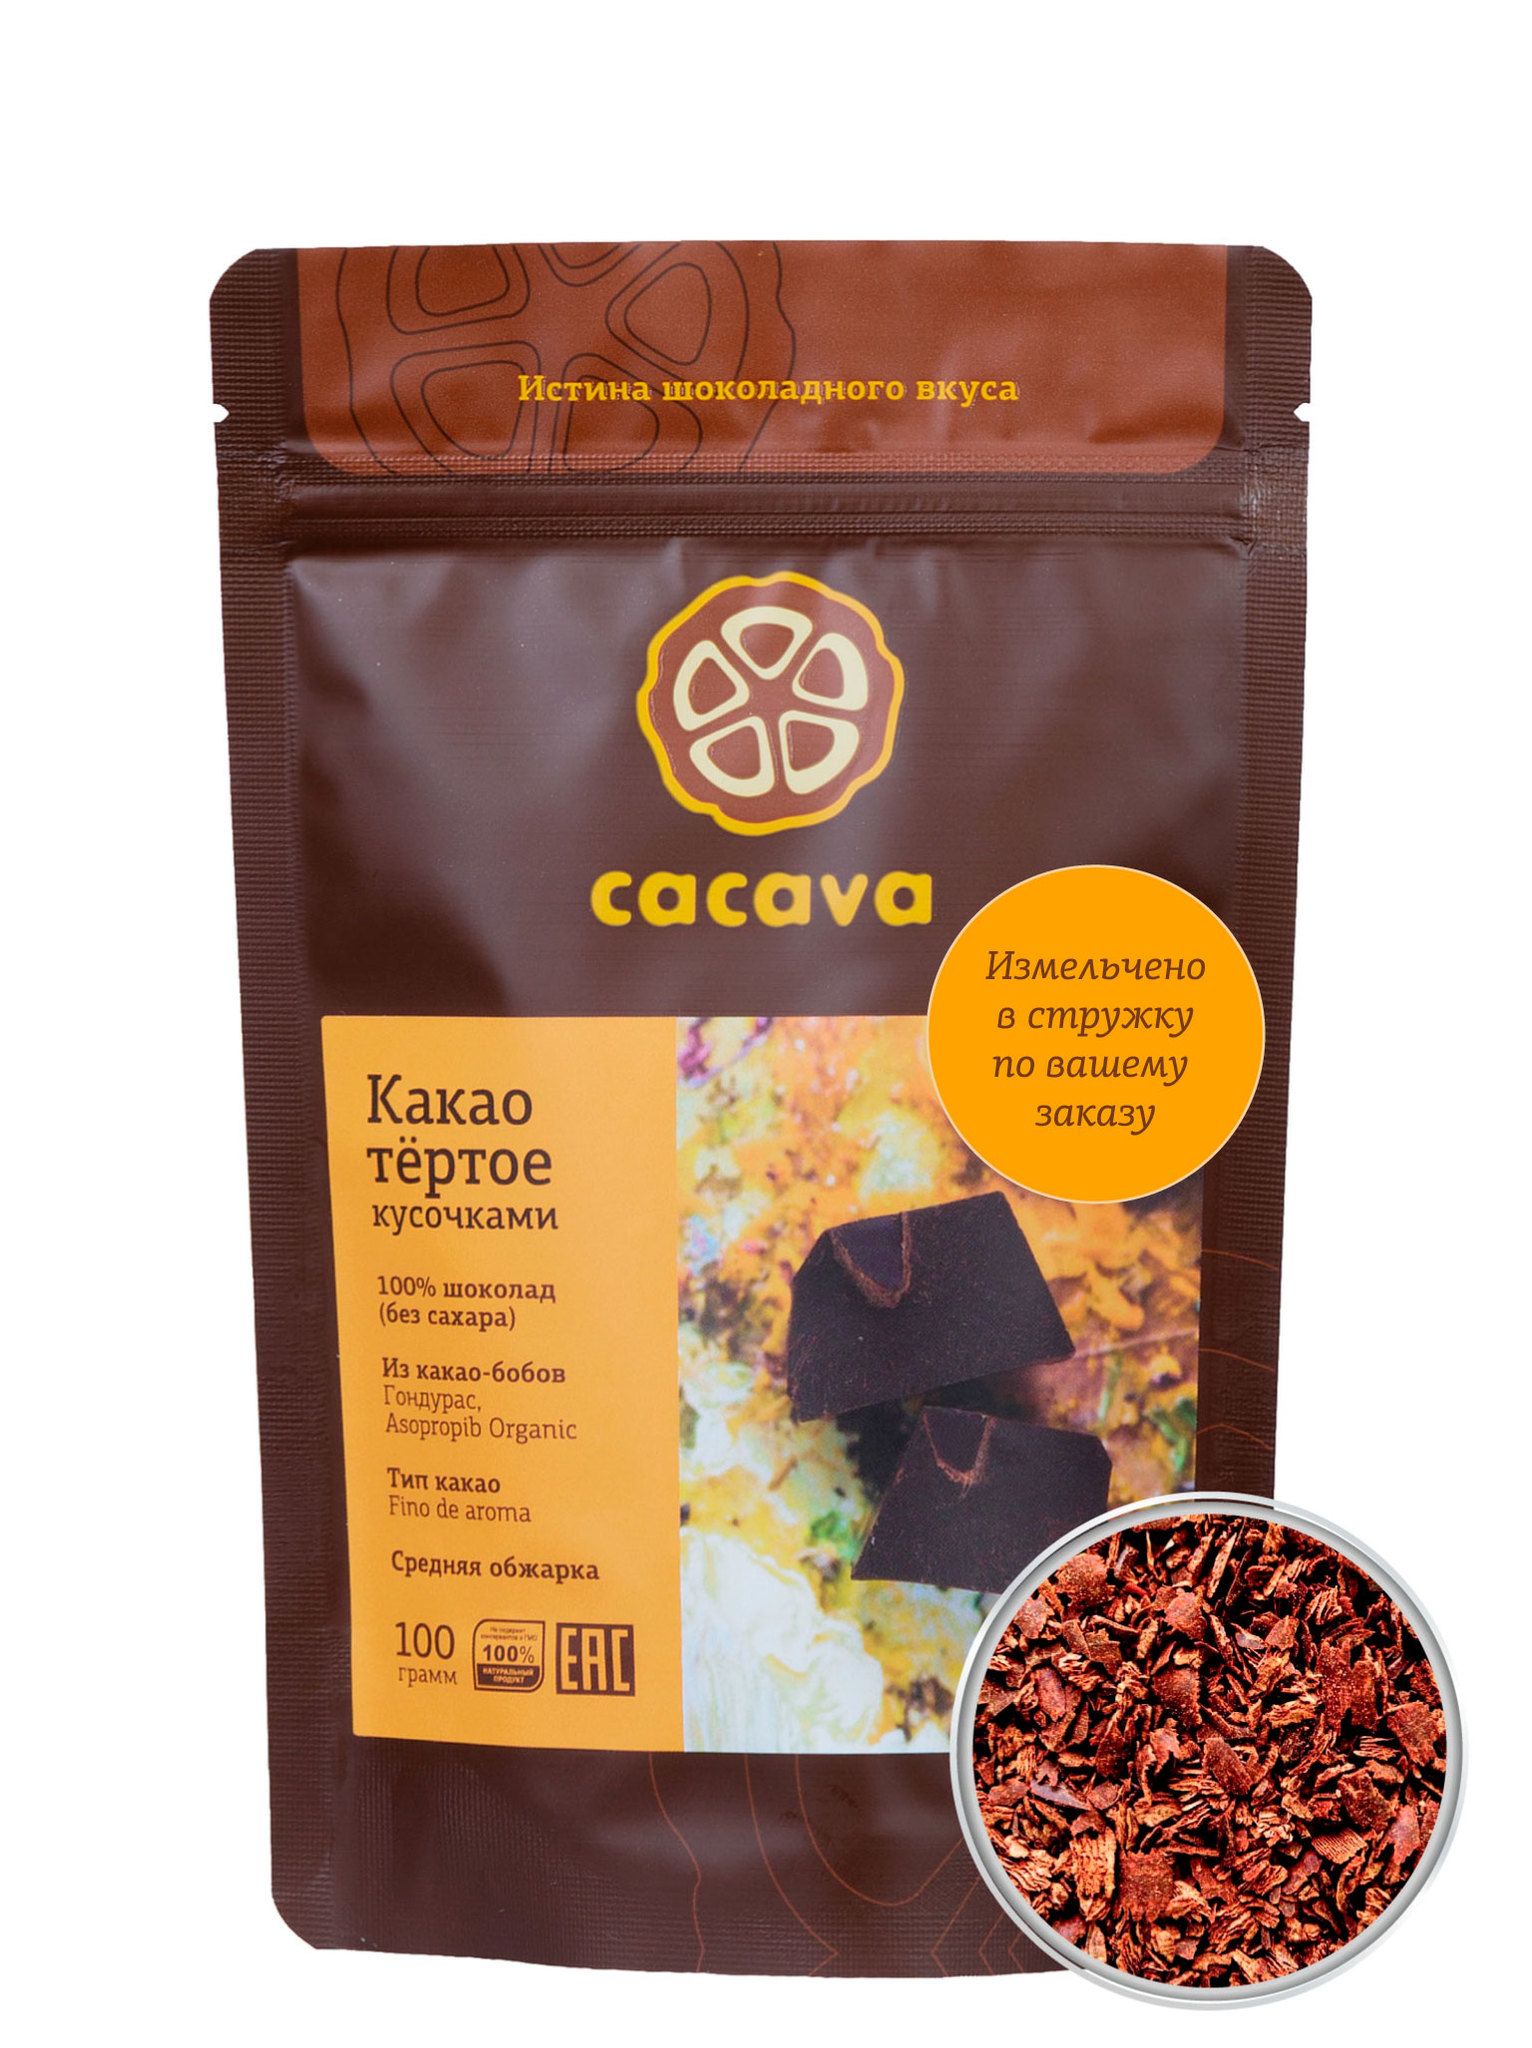 Какао тёртое в стружке (Гондурас, Asopropib), упаковка 100 грамм